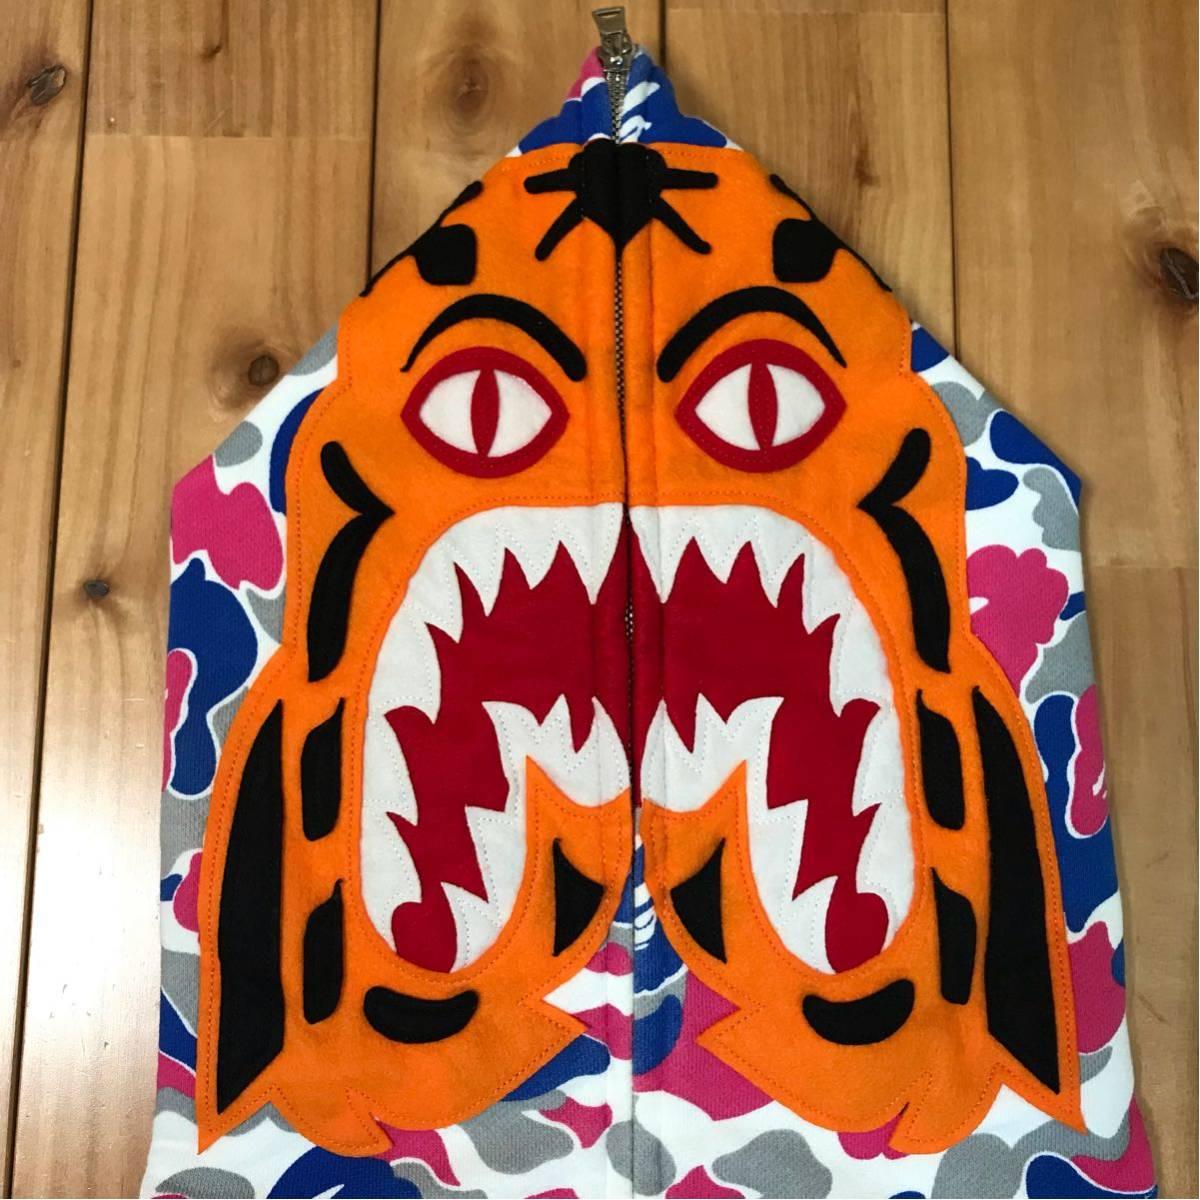 ★新潟限定★ niigata city camo タイガー パーカー L a bathing ape bape tiger full zip hoodie シャーク shark エイプ ベイプ 都市限定